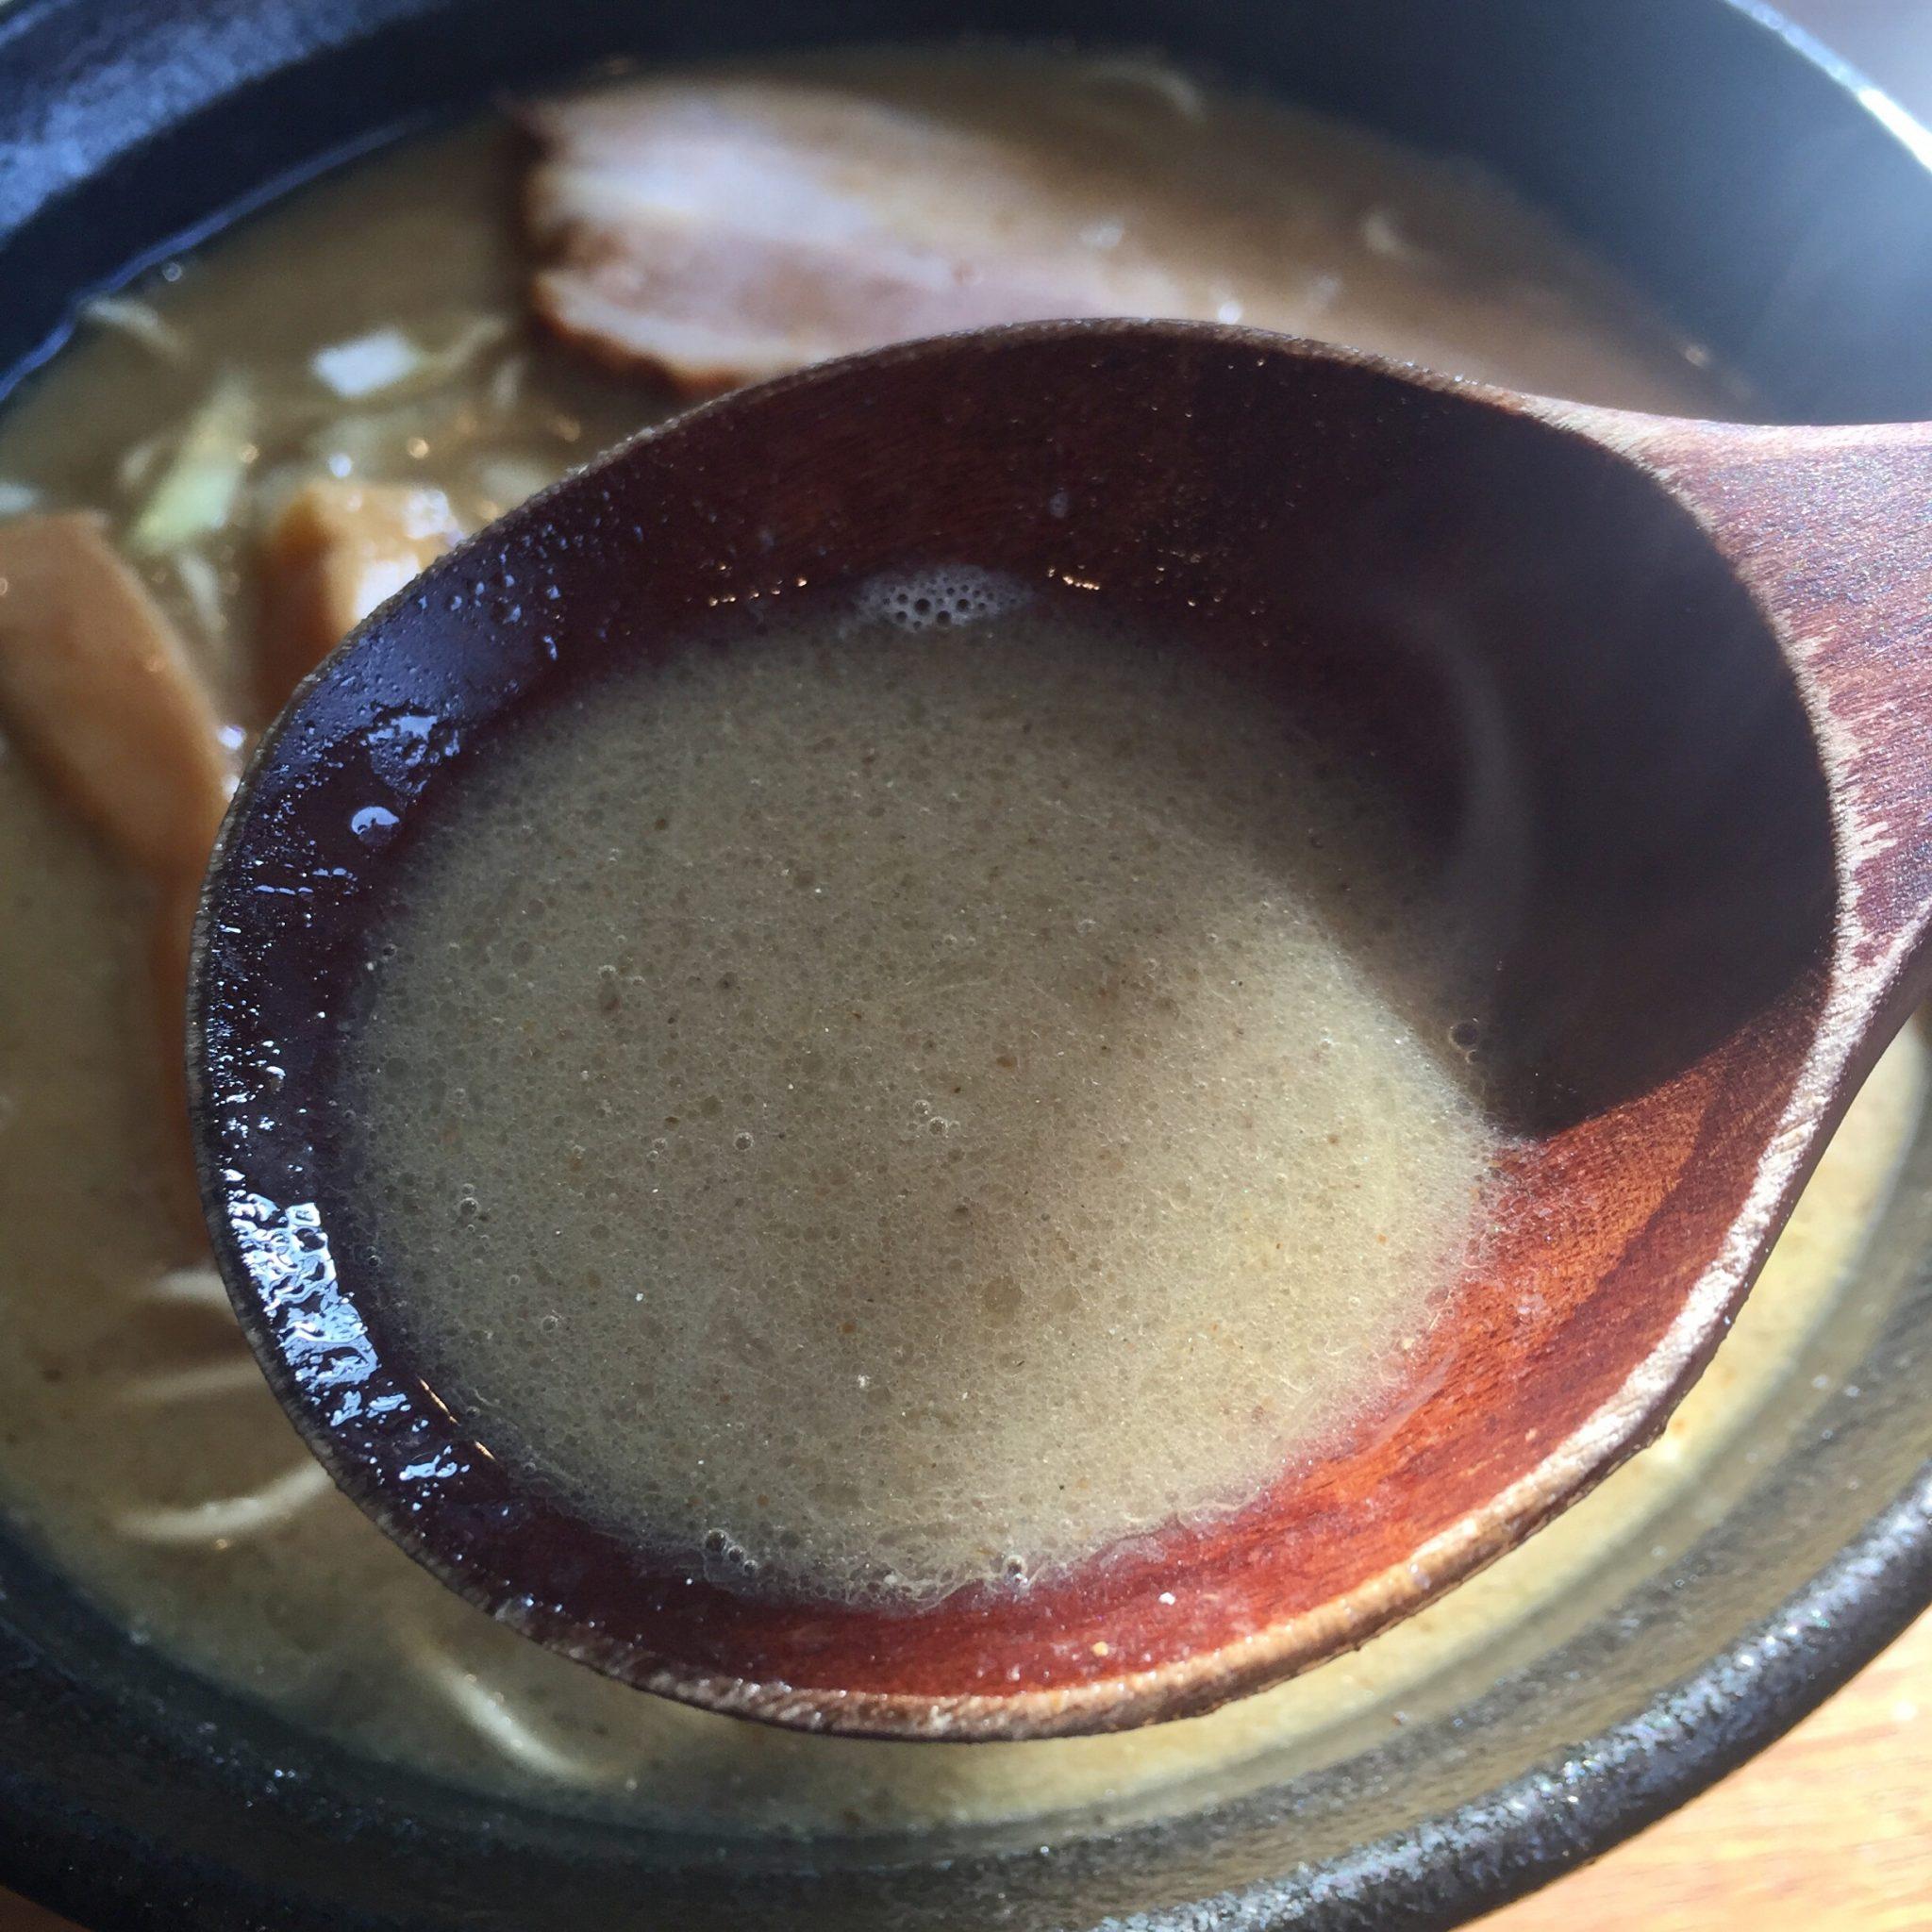 店内製麺さくら 瀬戸内産イワシの煮干し麺 スープ